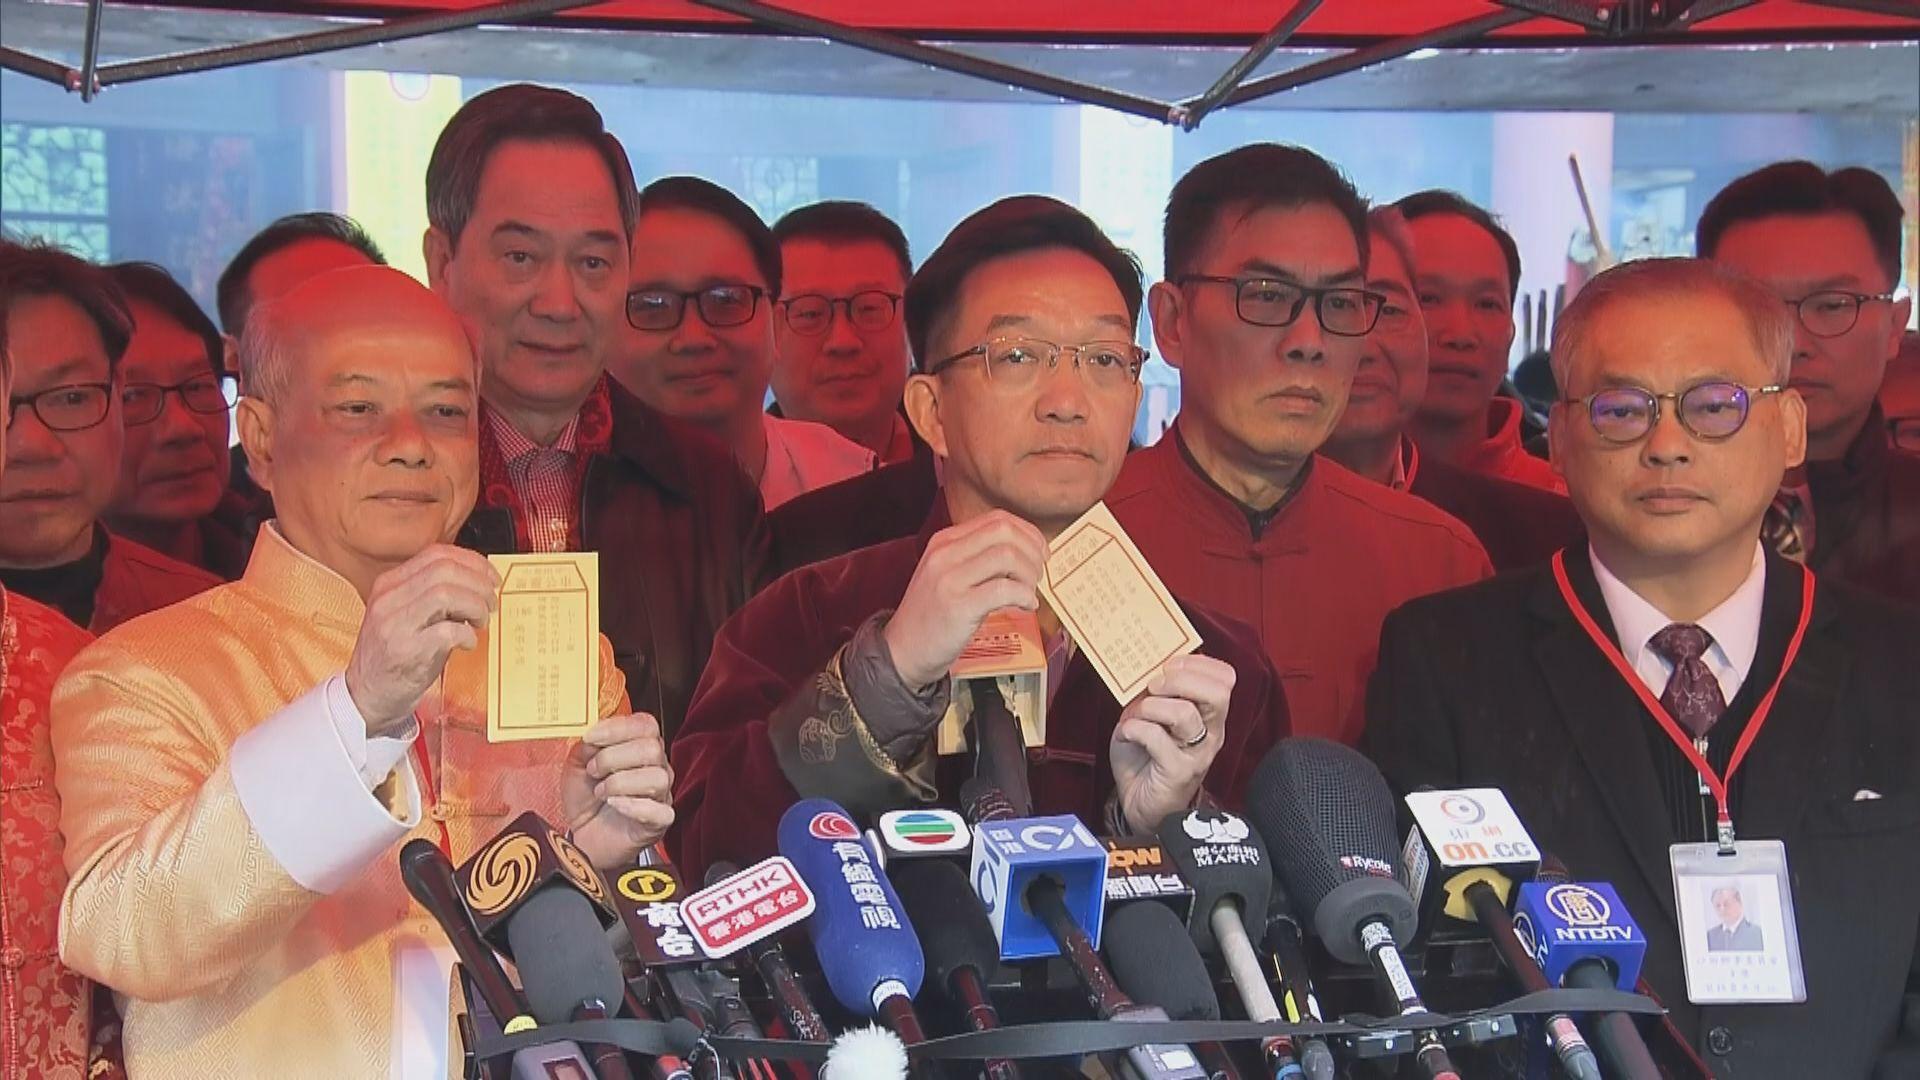 劉業強認為籤文意思是政府施政要聆聽民意